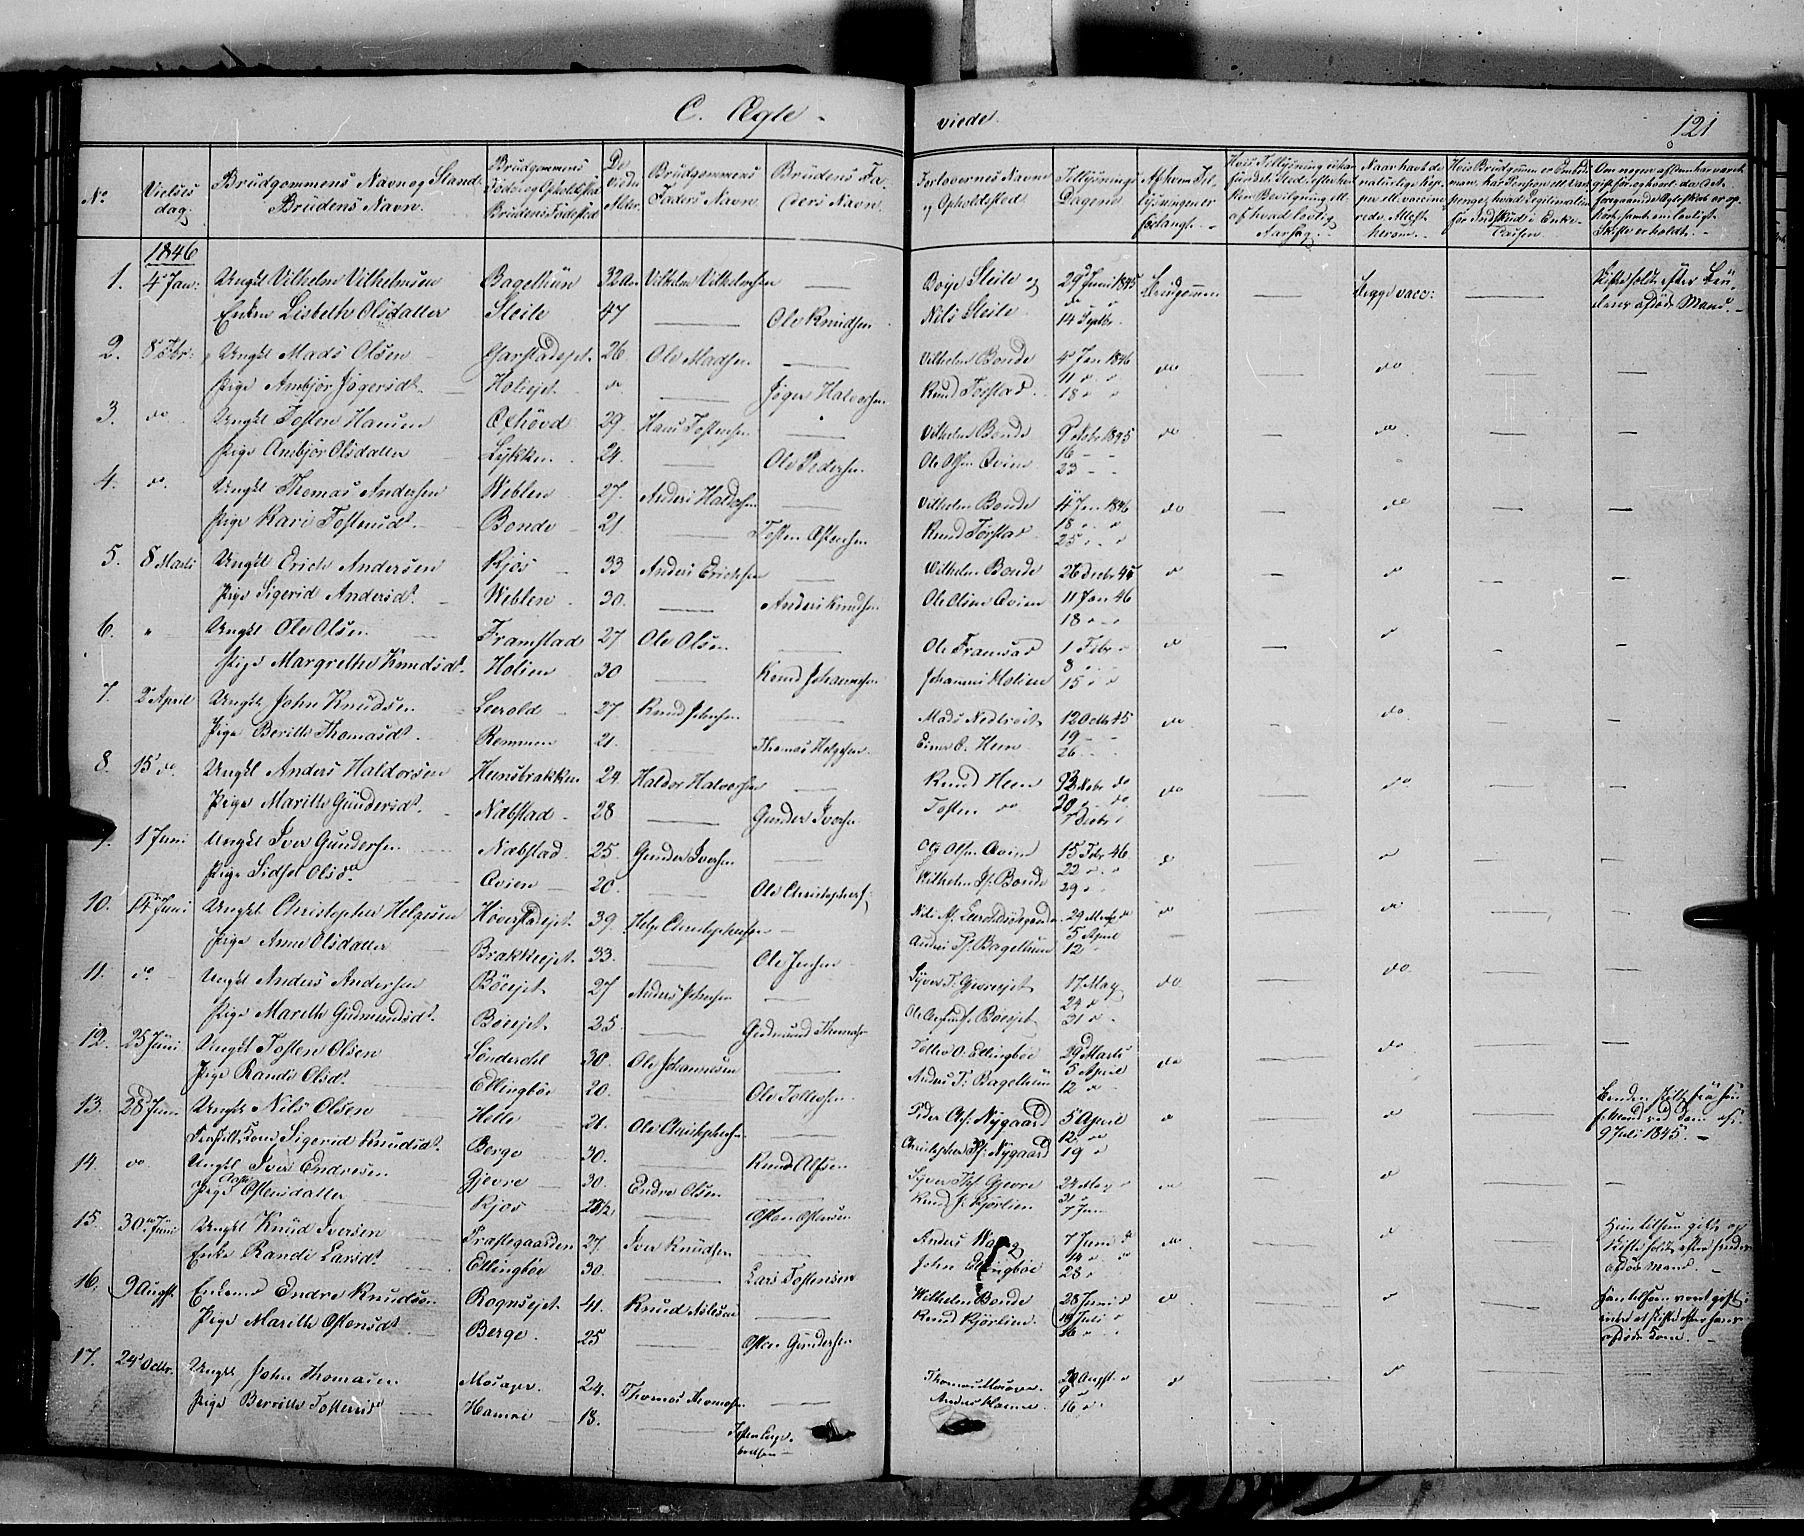 SAH, Vang prestekontor, Valdres, Ministerialbok nr. 6, 1846-1864, s. 121